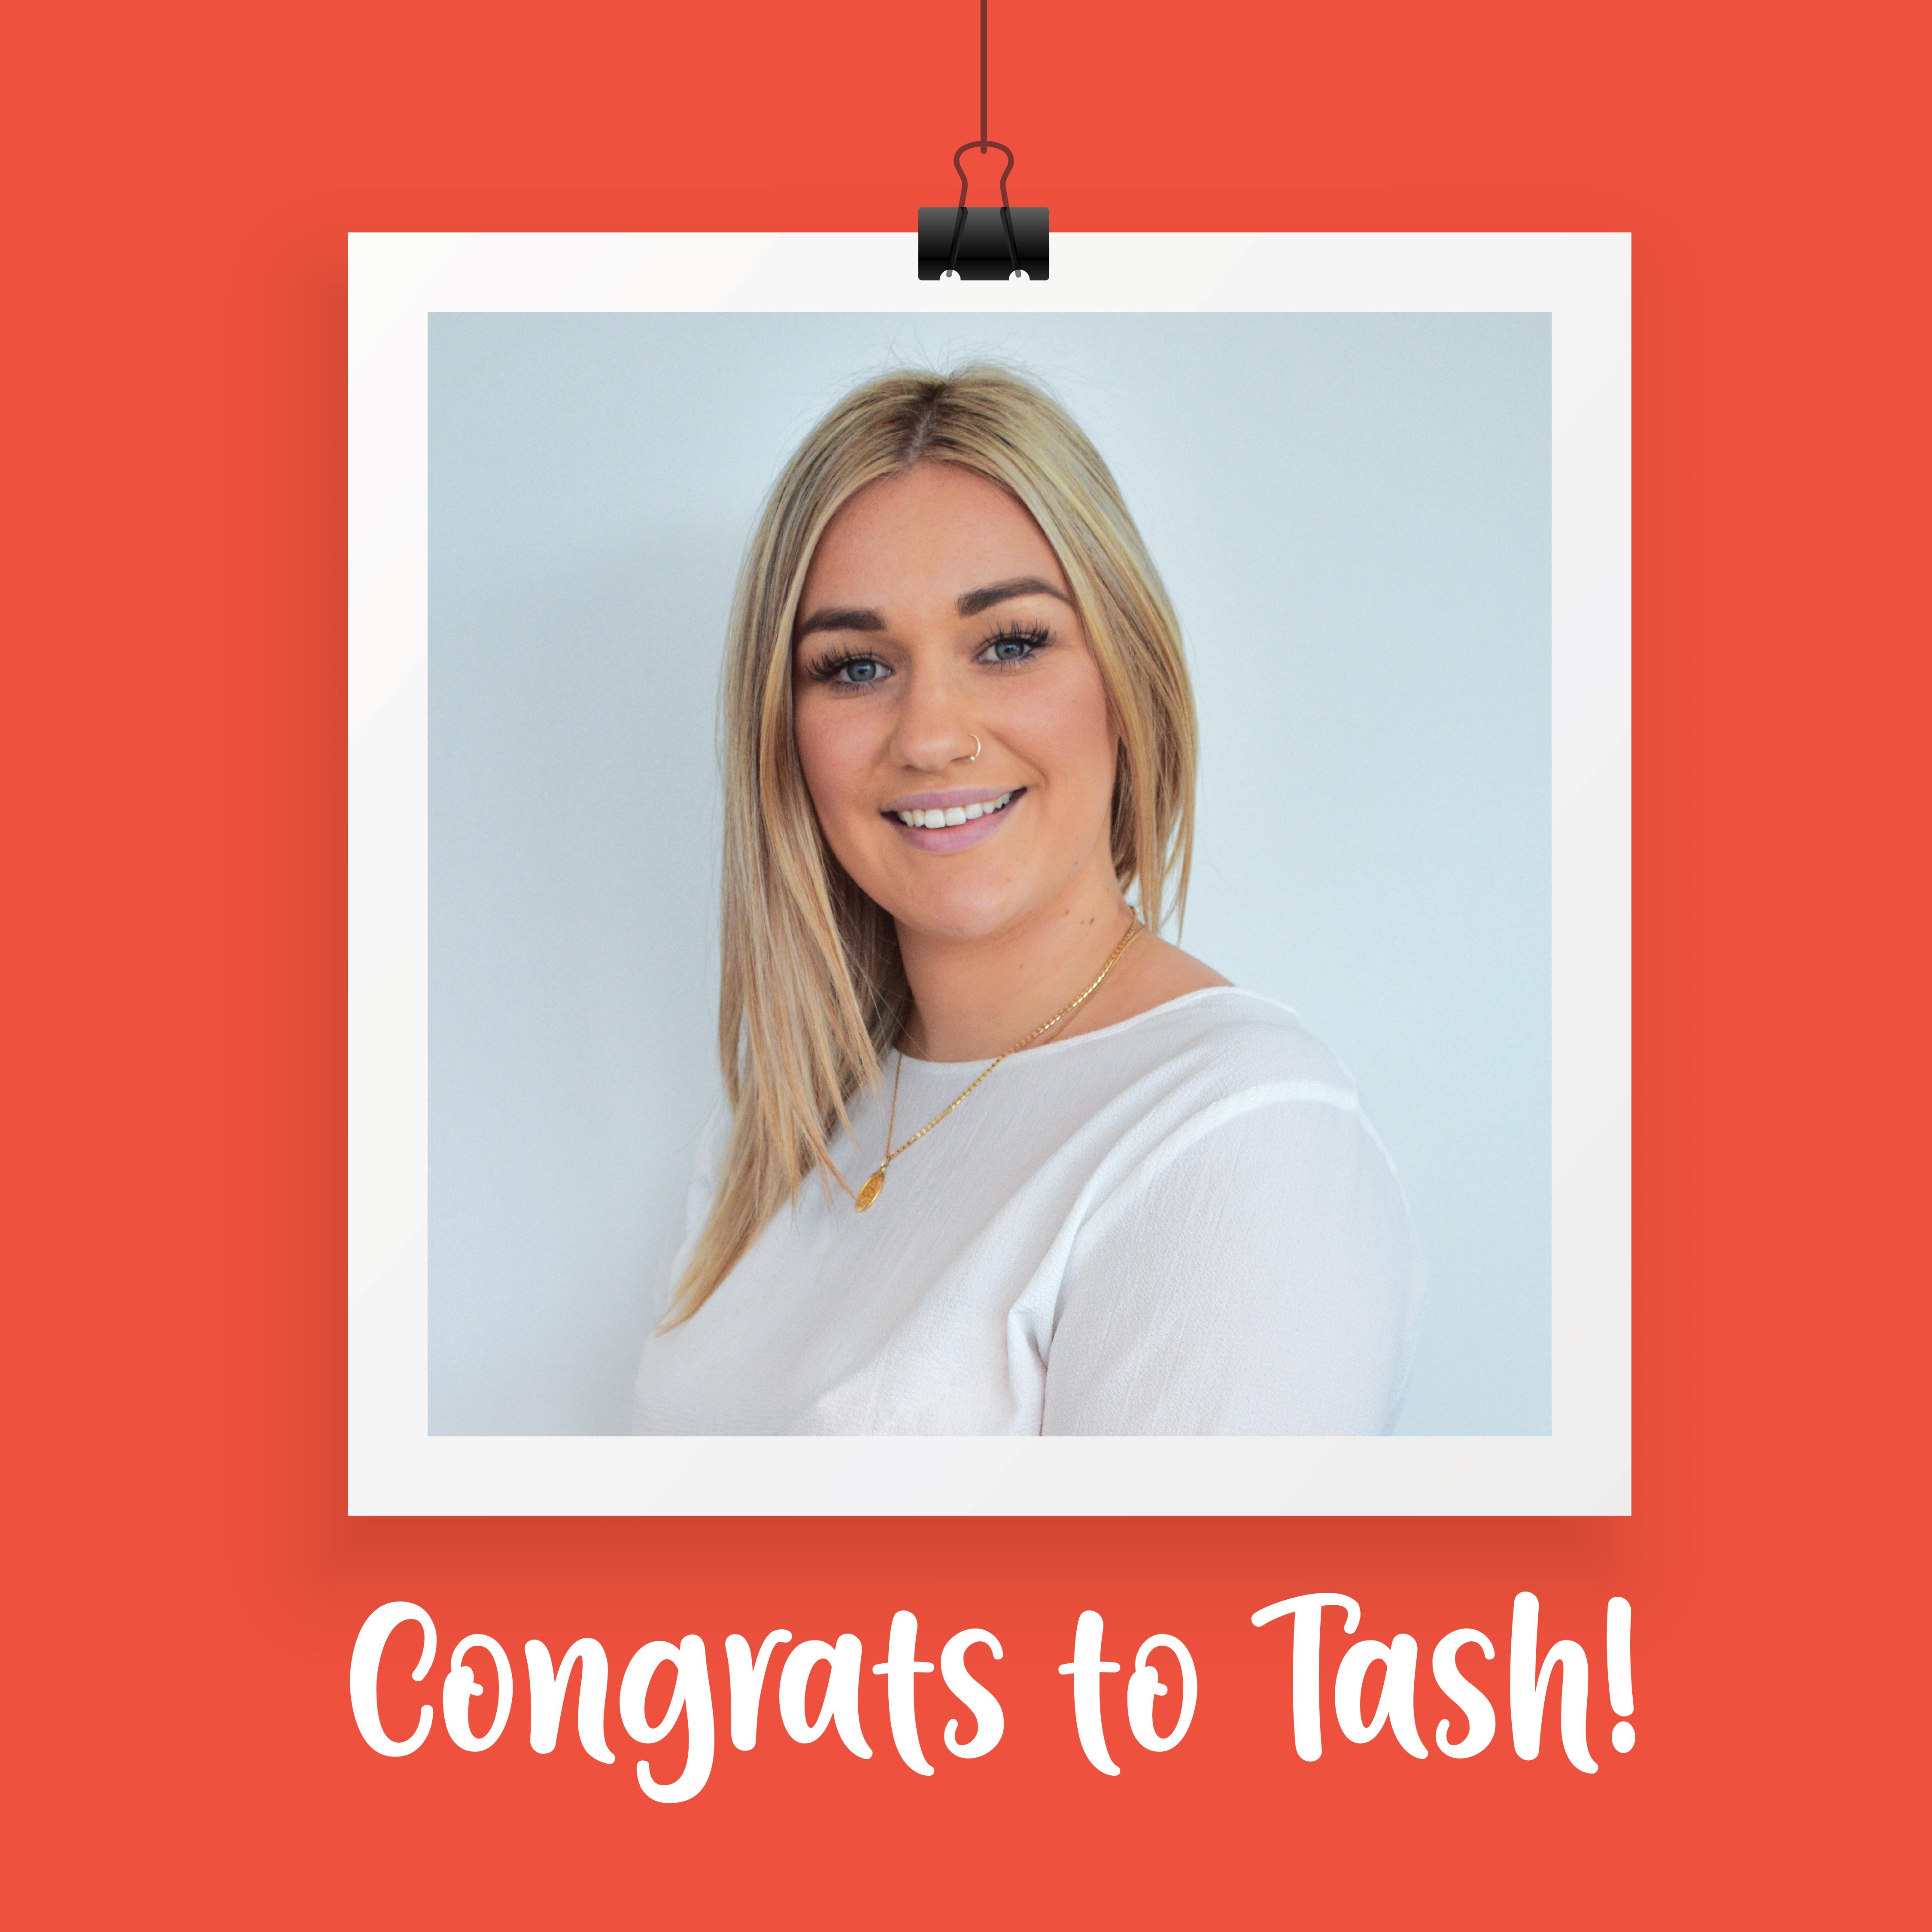 Congrats to Tash!